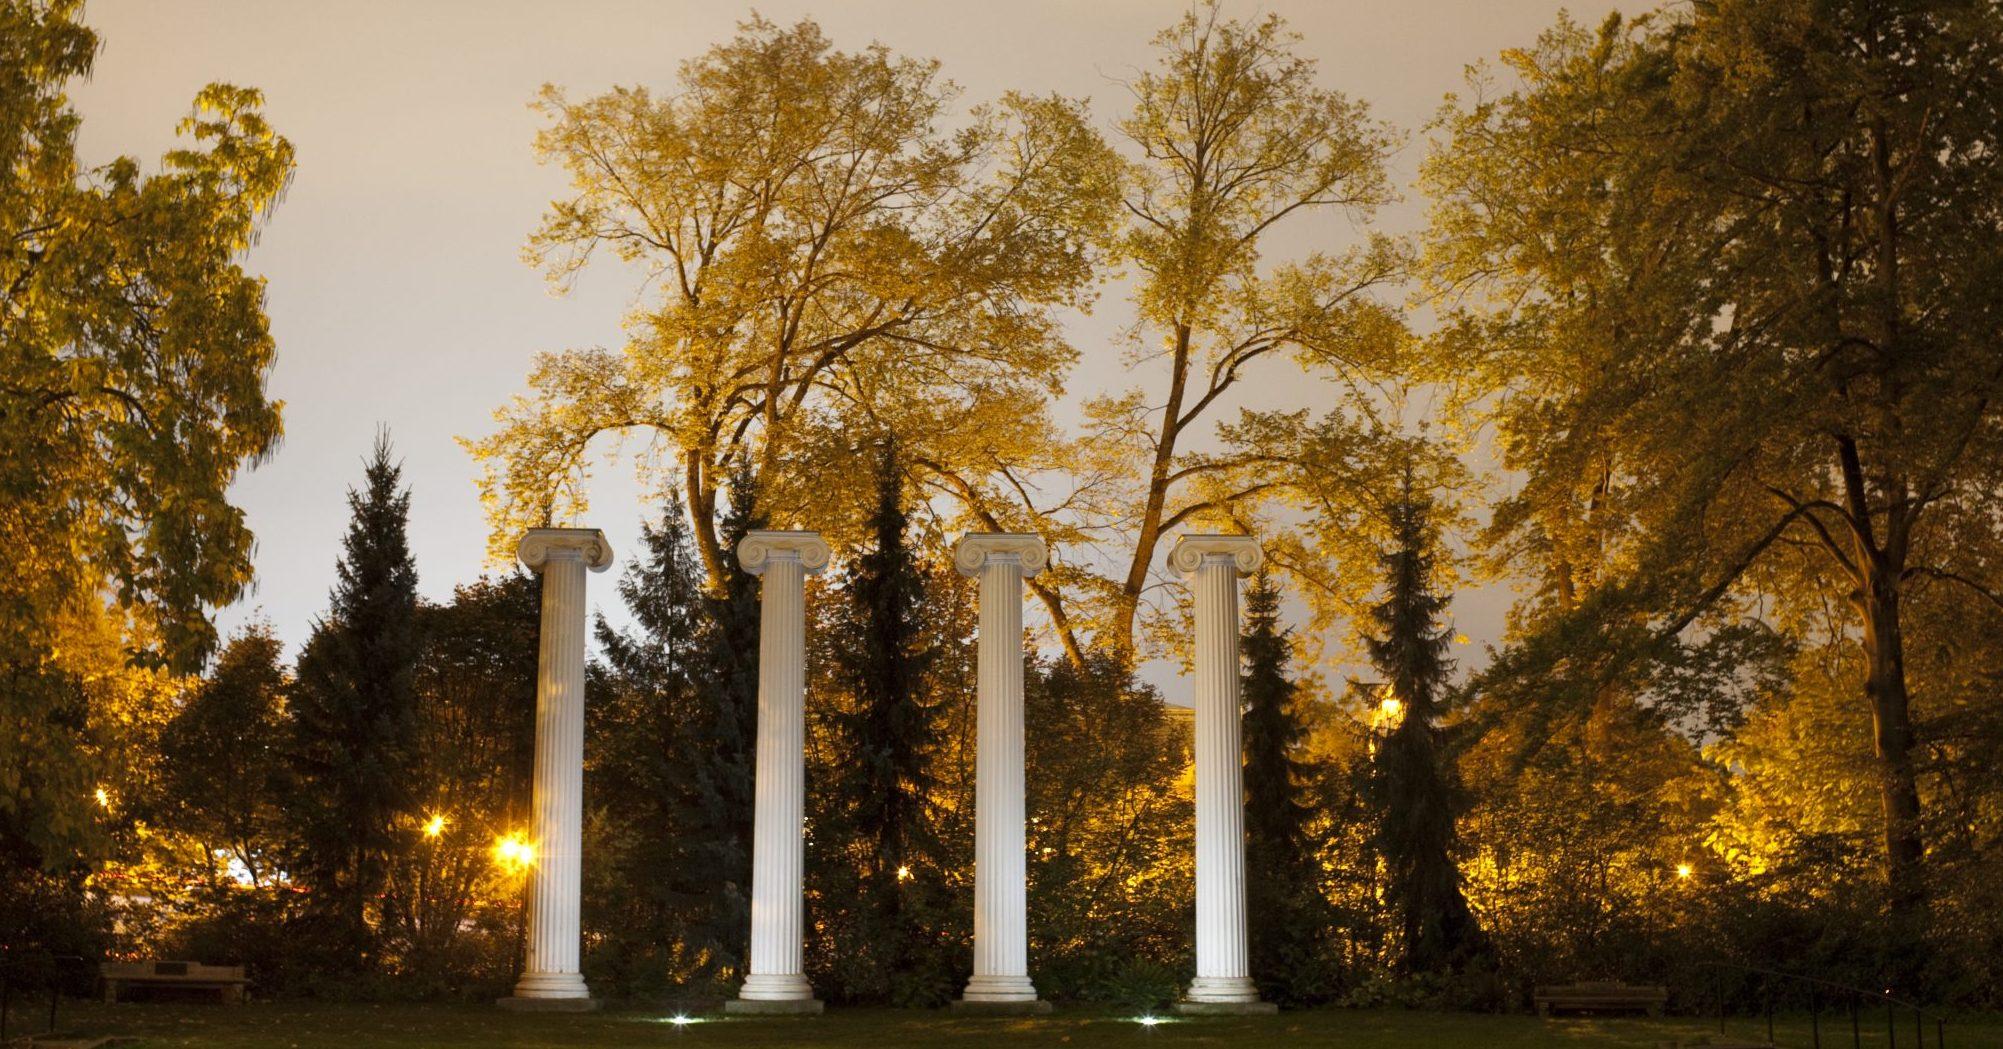 UW The Columns in Sylvan Grove.